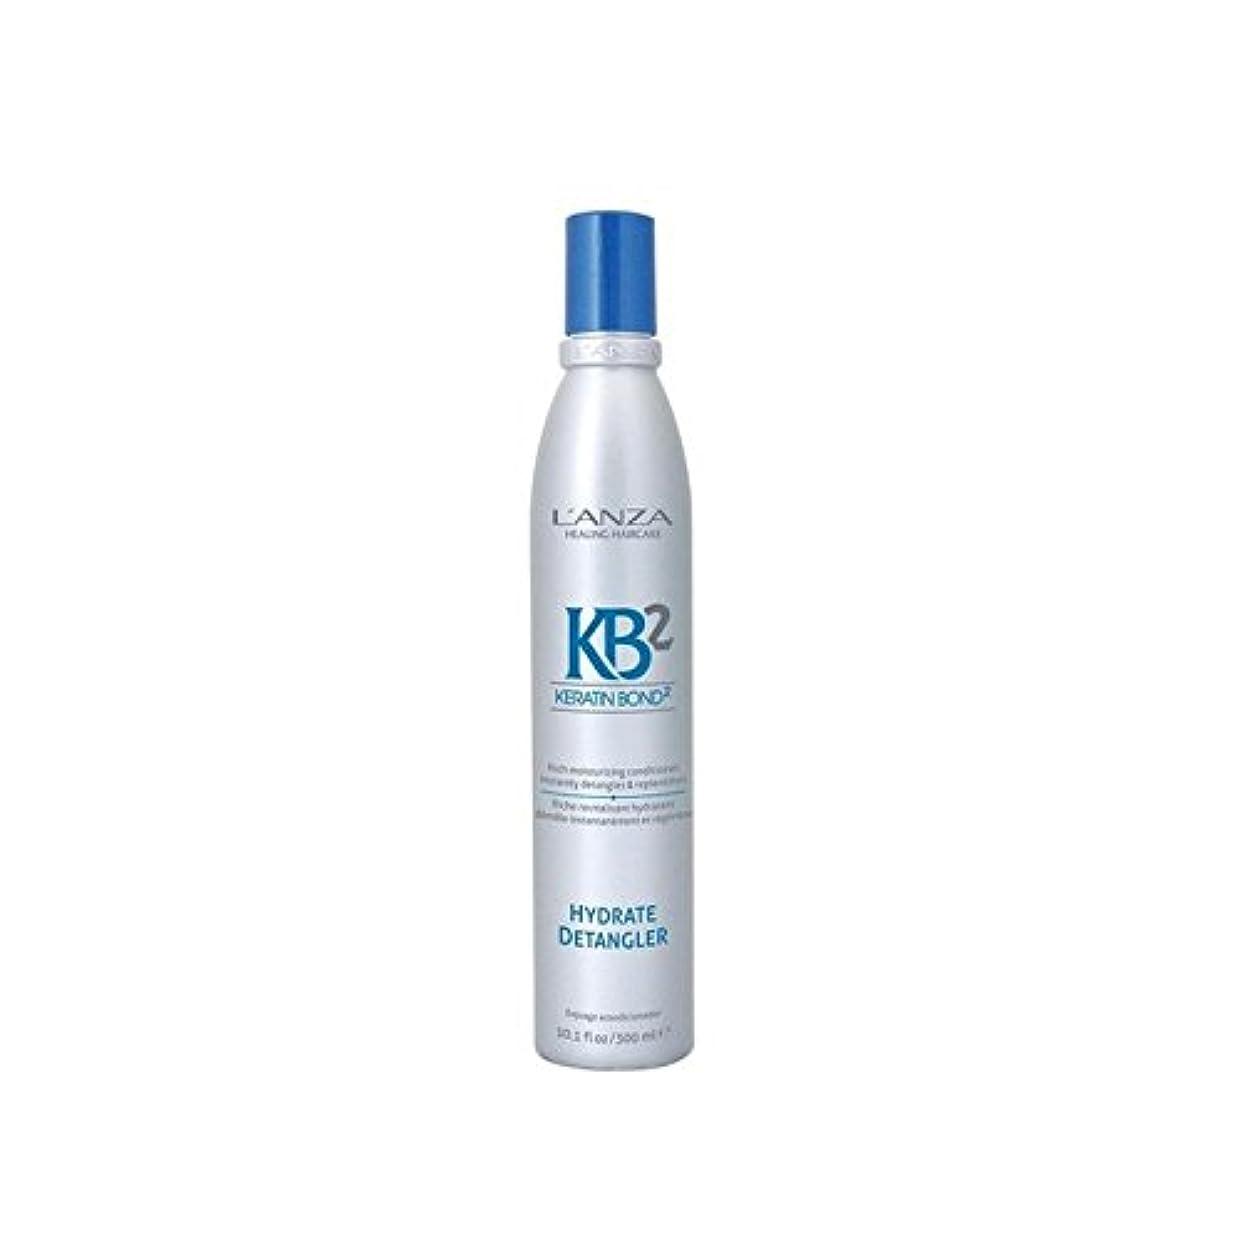 クラシックコックピンポイントアンザ2和物(300ミリリットル) x4 - L'Anza Kb2 Hydrate Detangler (300ml) (Pack of 4) [並行輸入品]